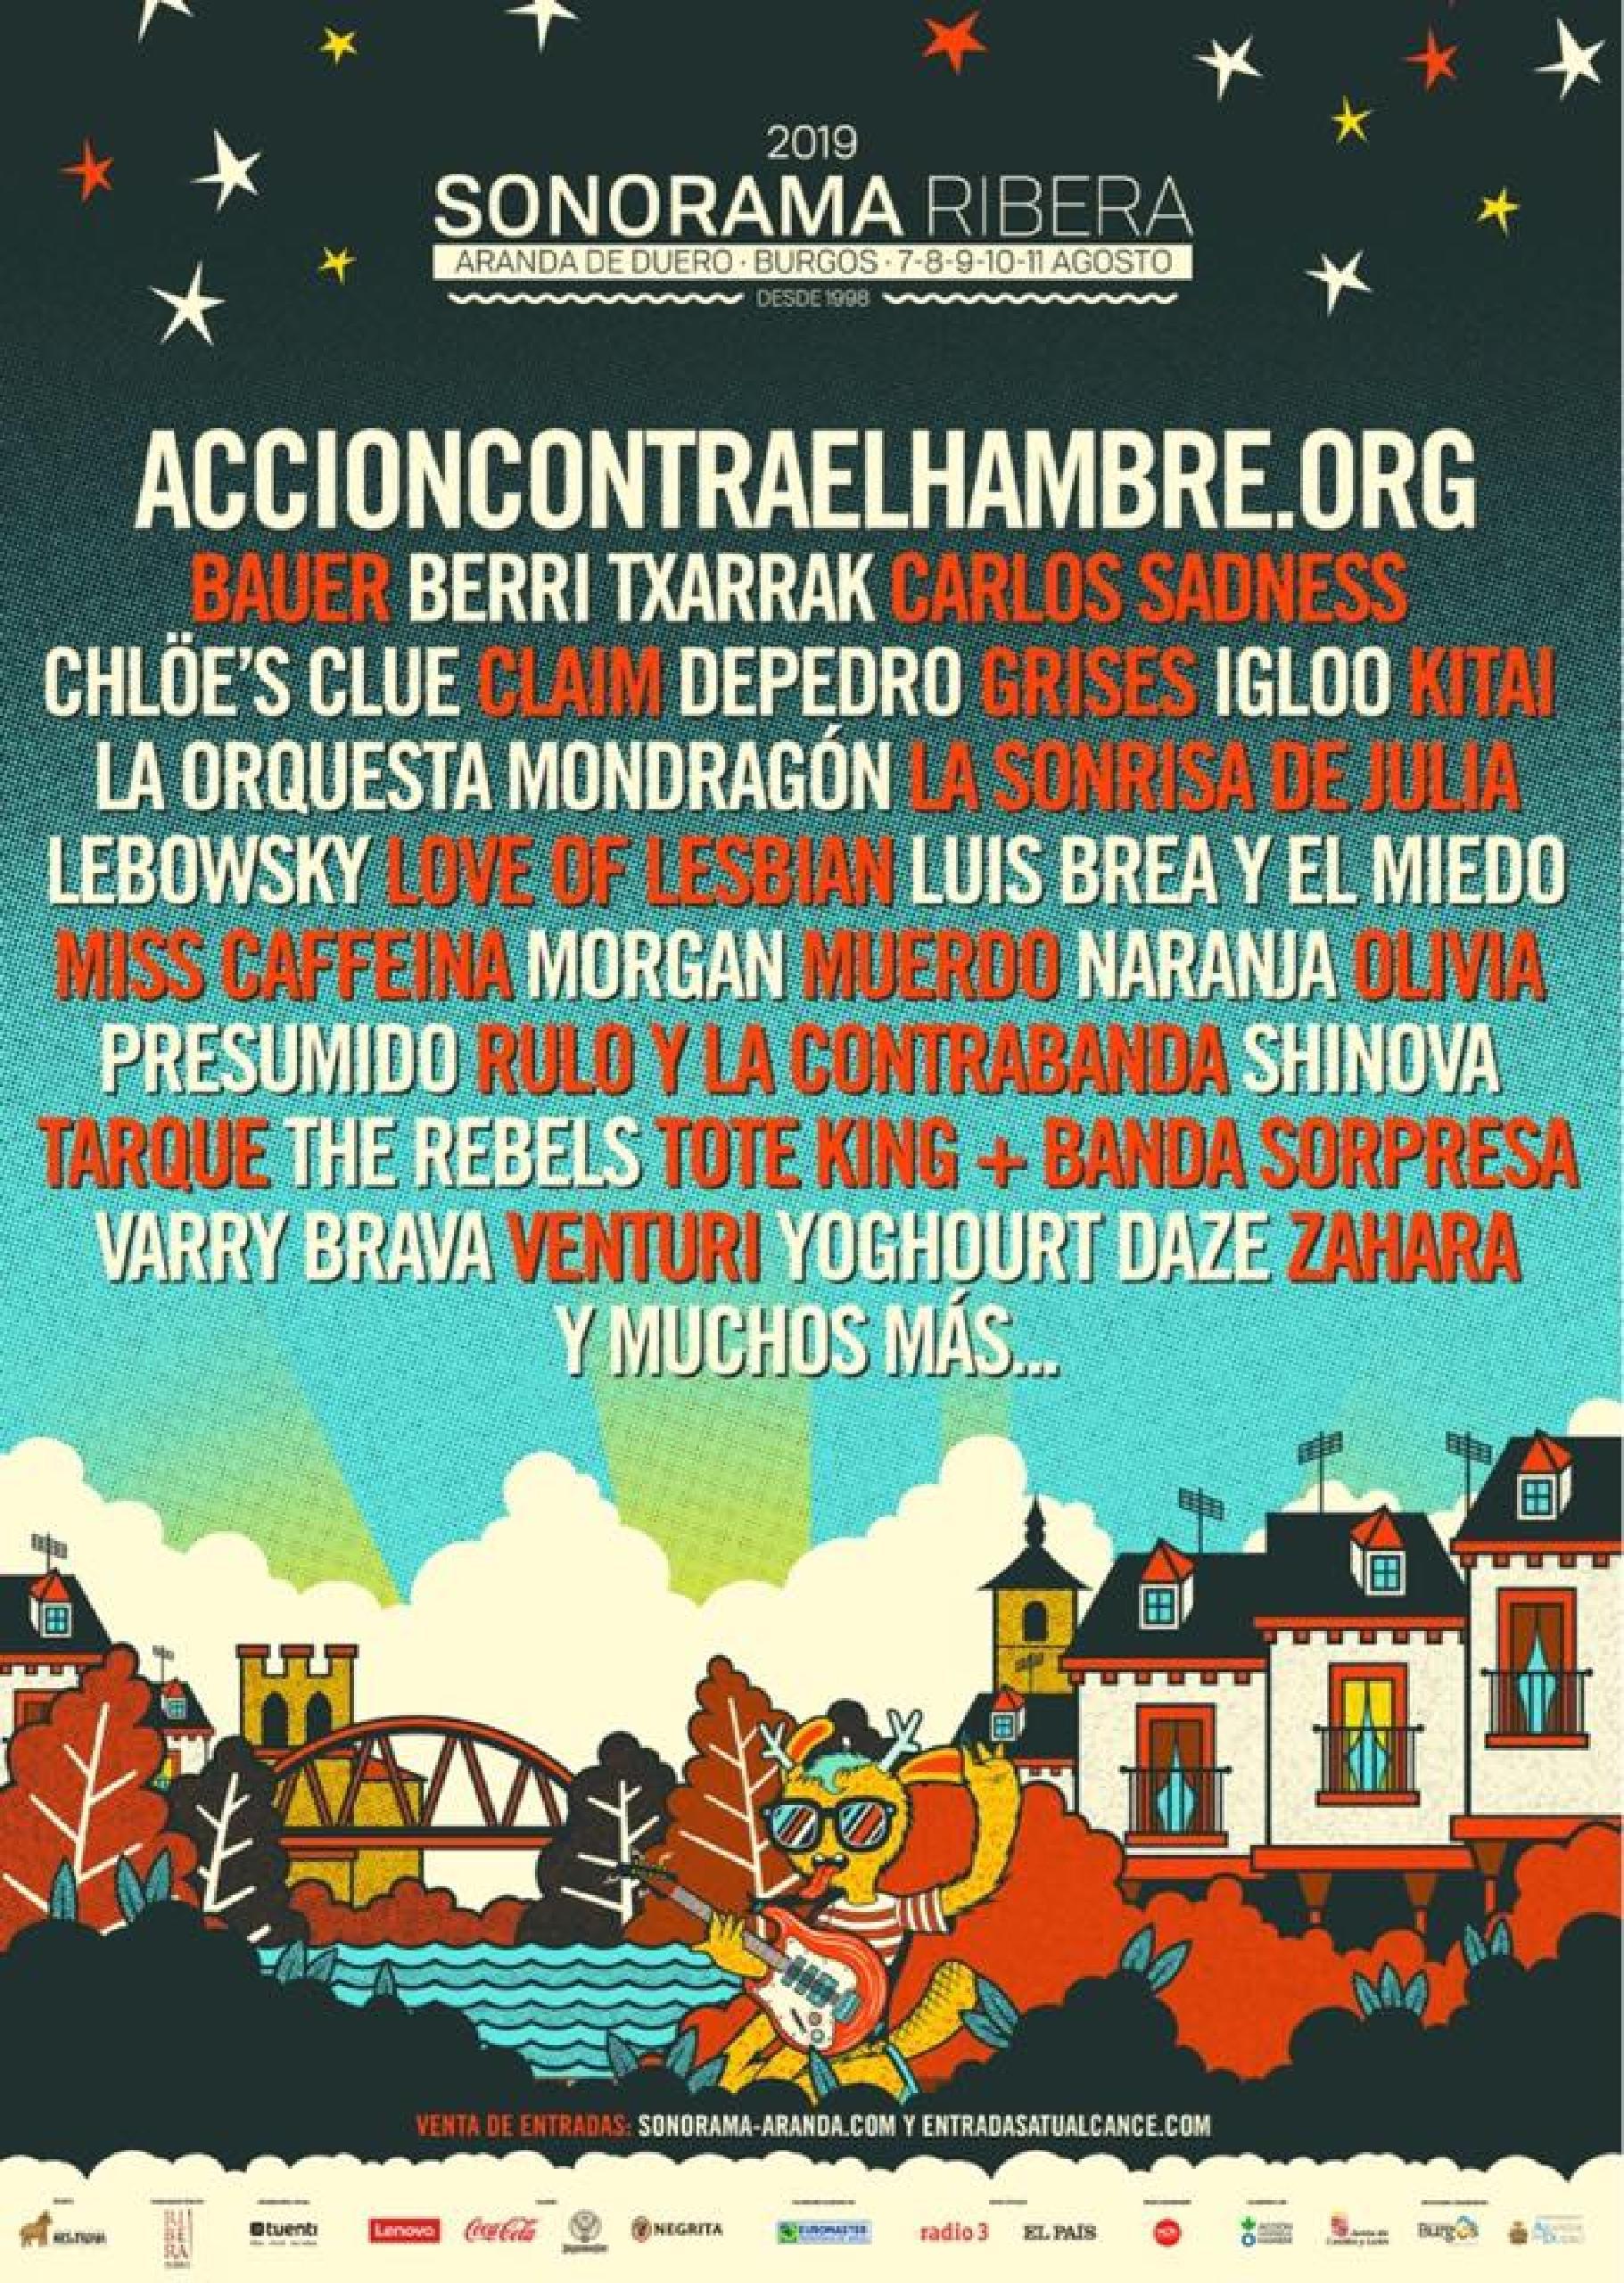 Cartel confirmaciones Sonorama Ribera 2019